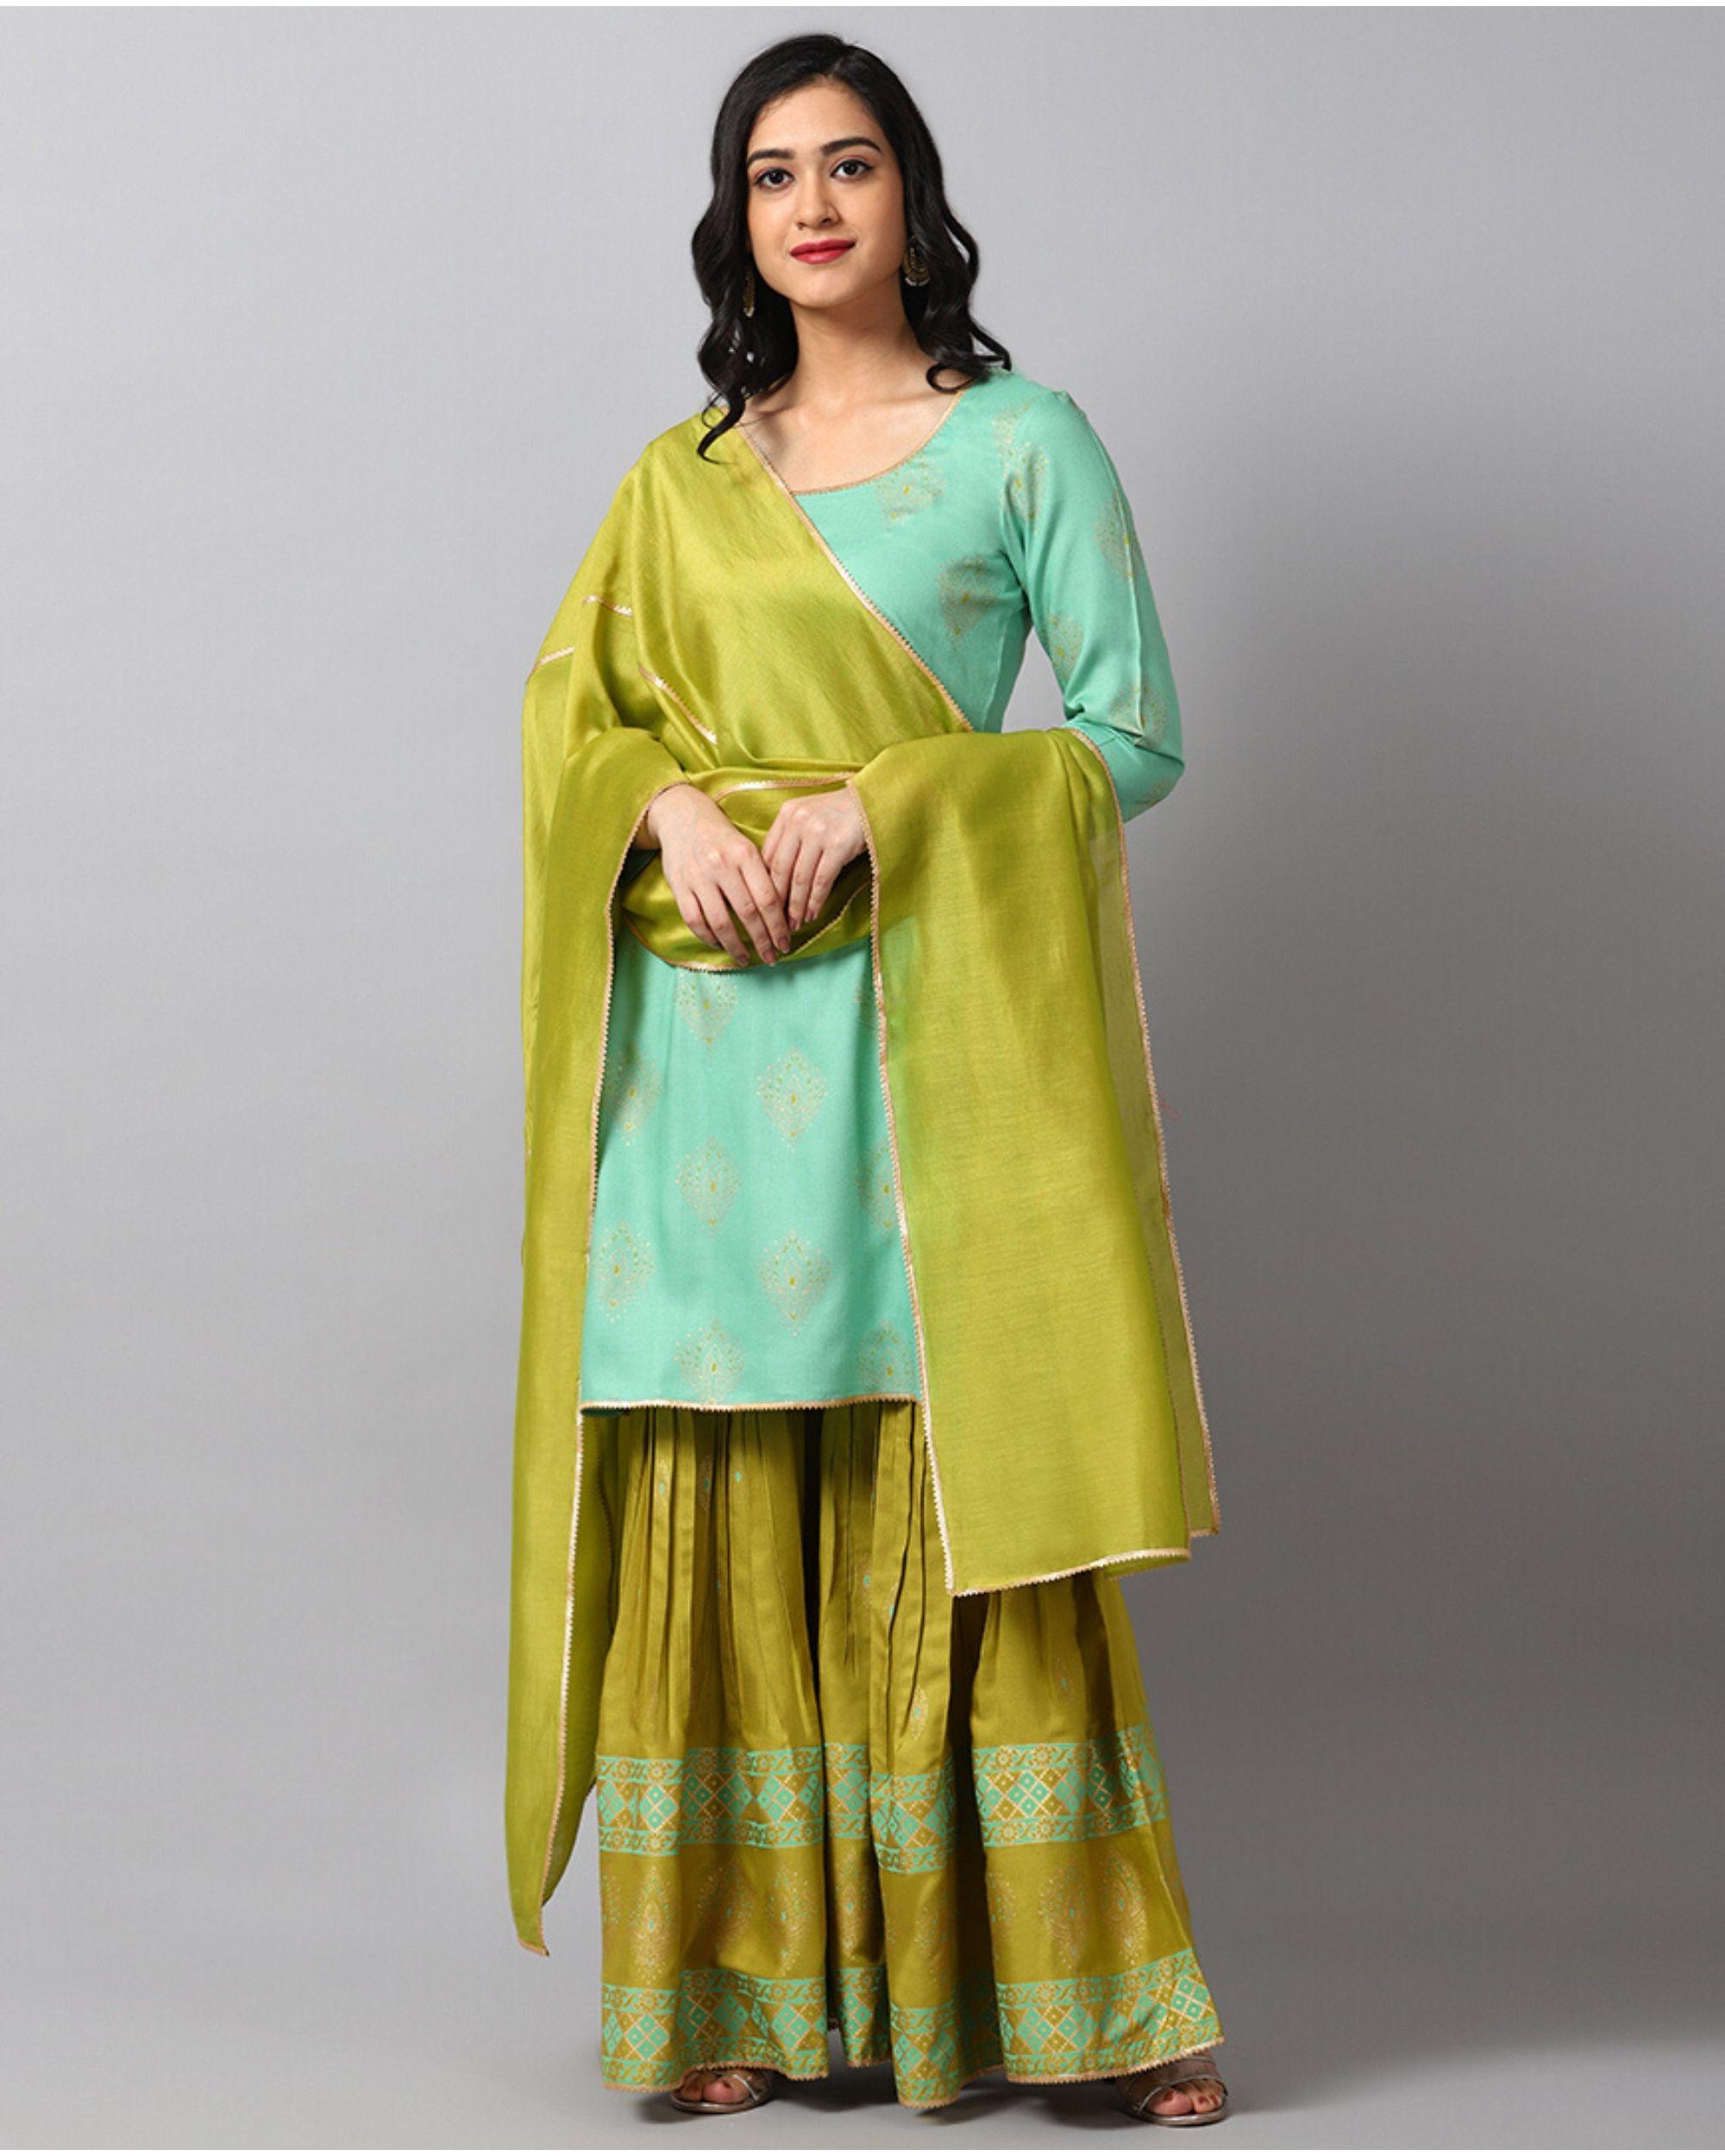 Turquoise printed gota kurta and gharara with green dupatta- Set Of Three